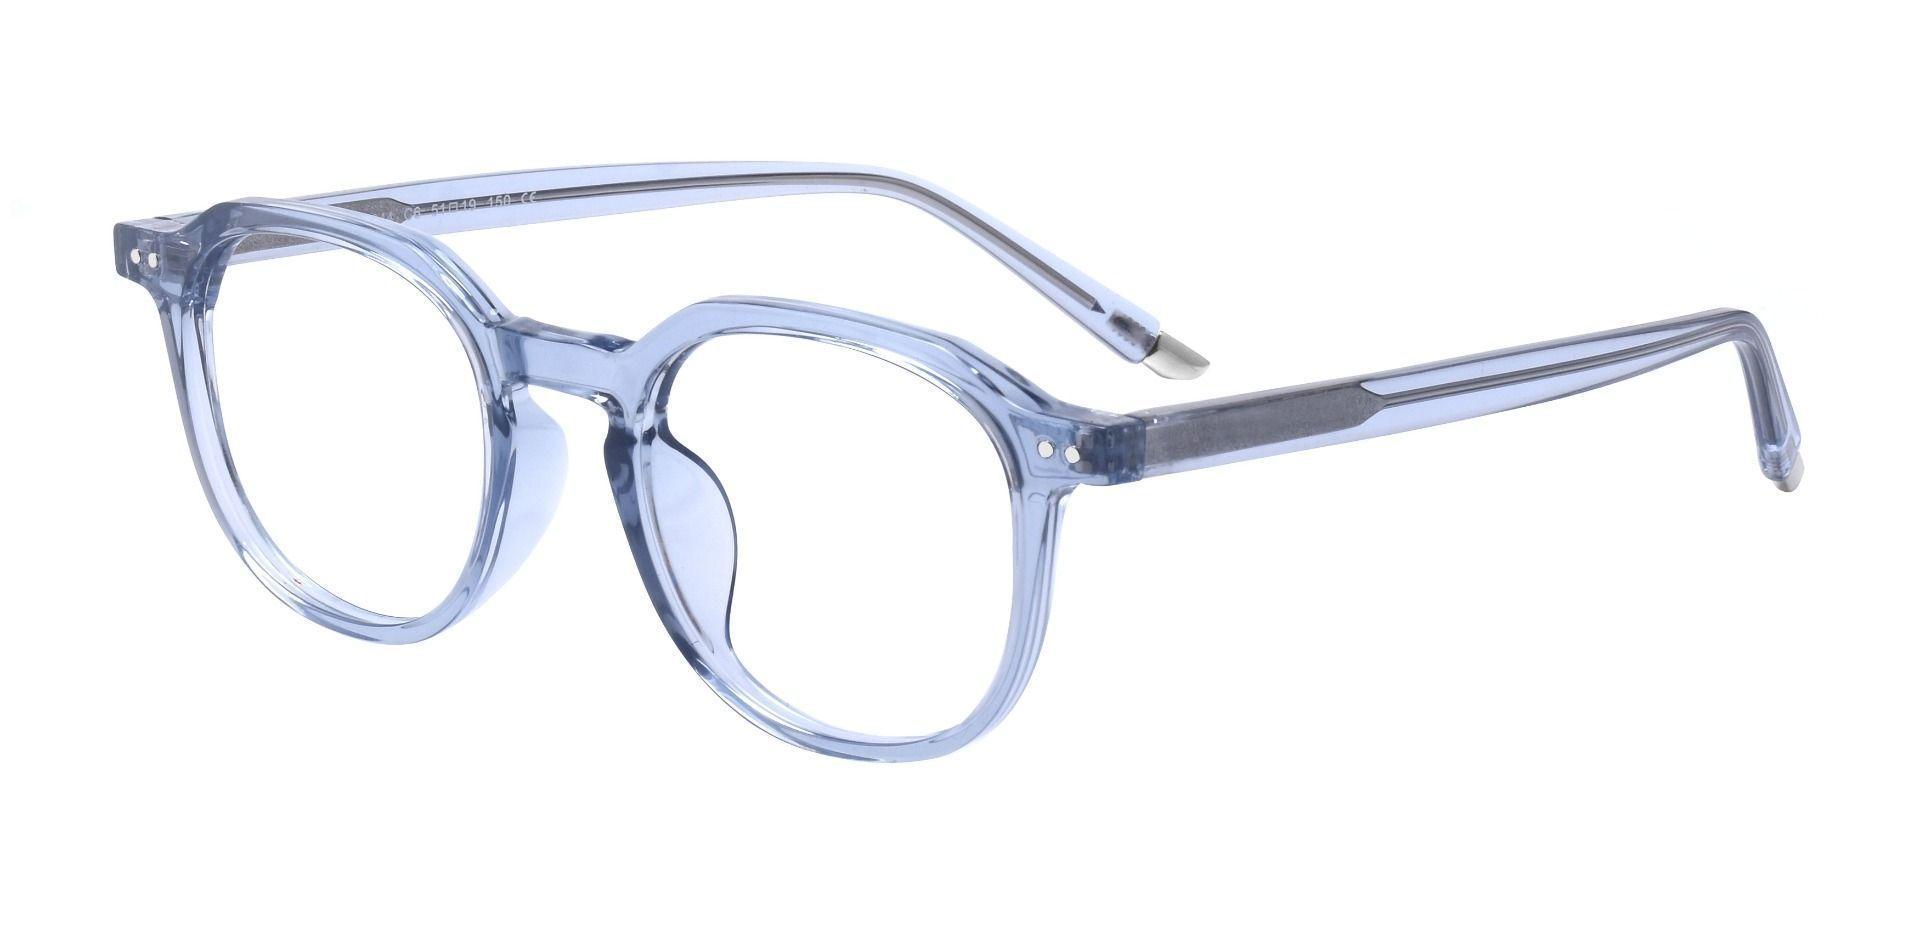 Seward Square Prescription Glasses - Blue